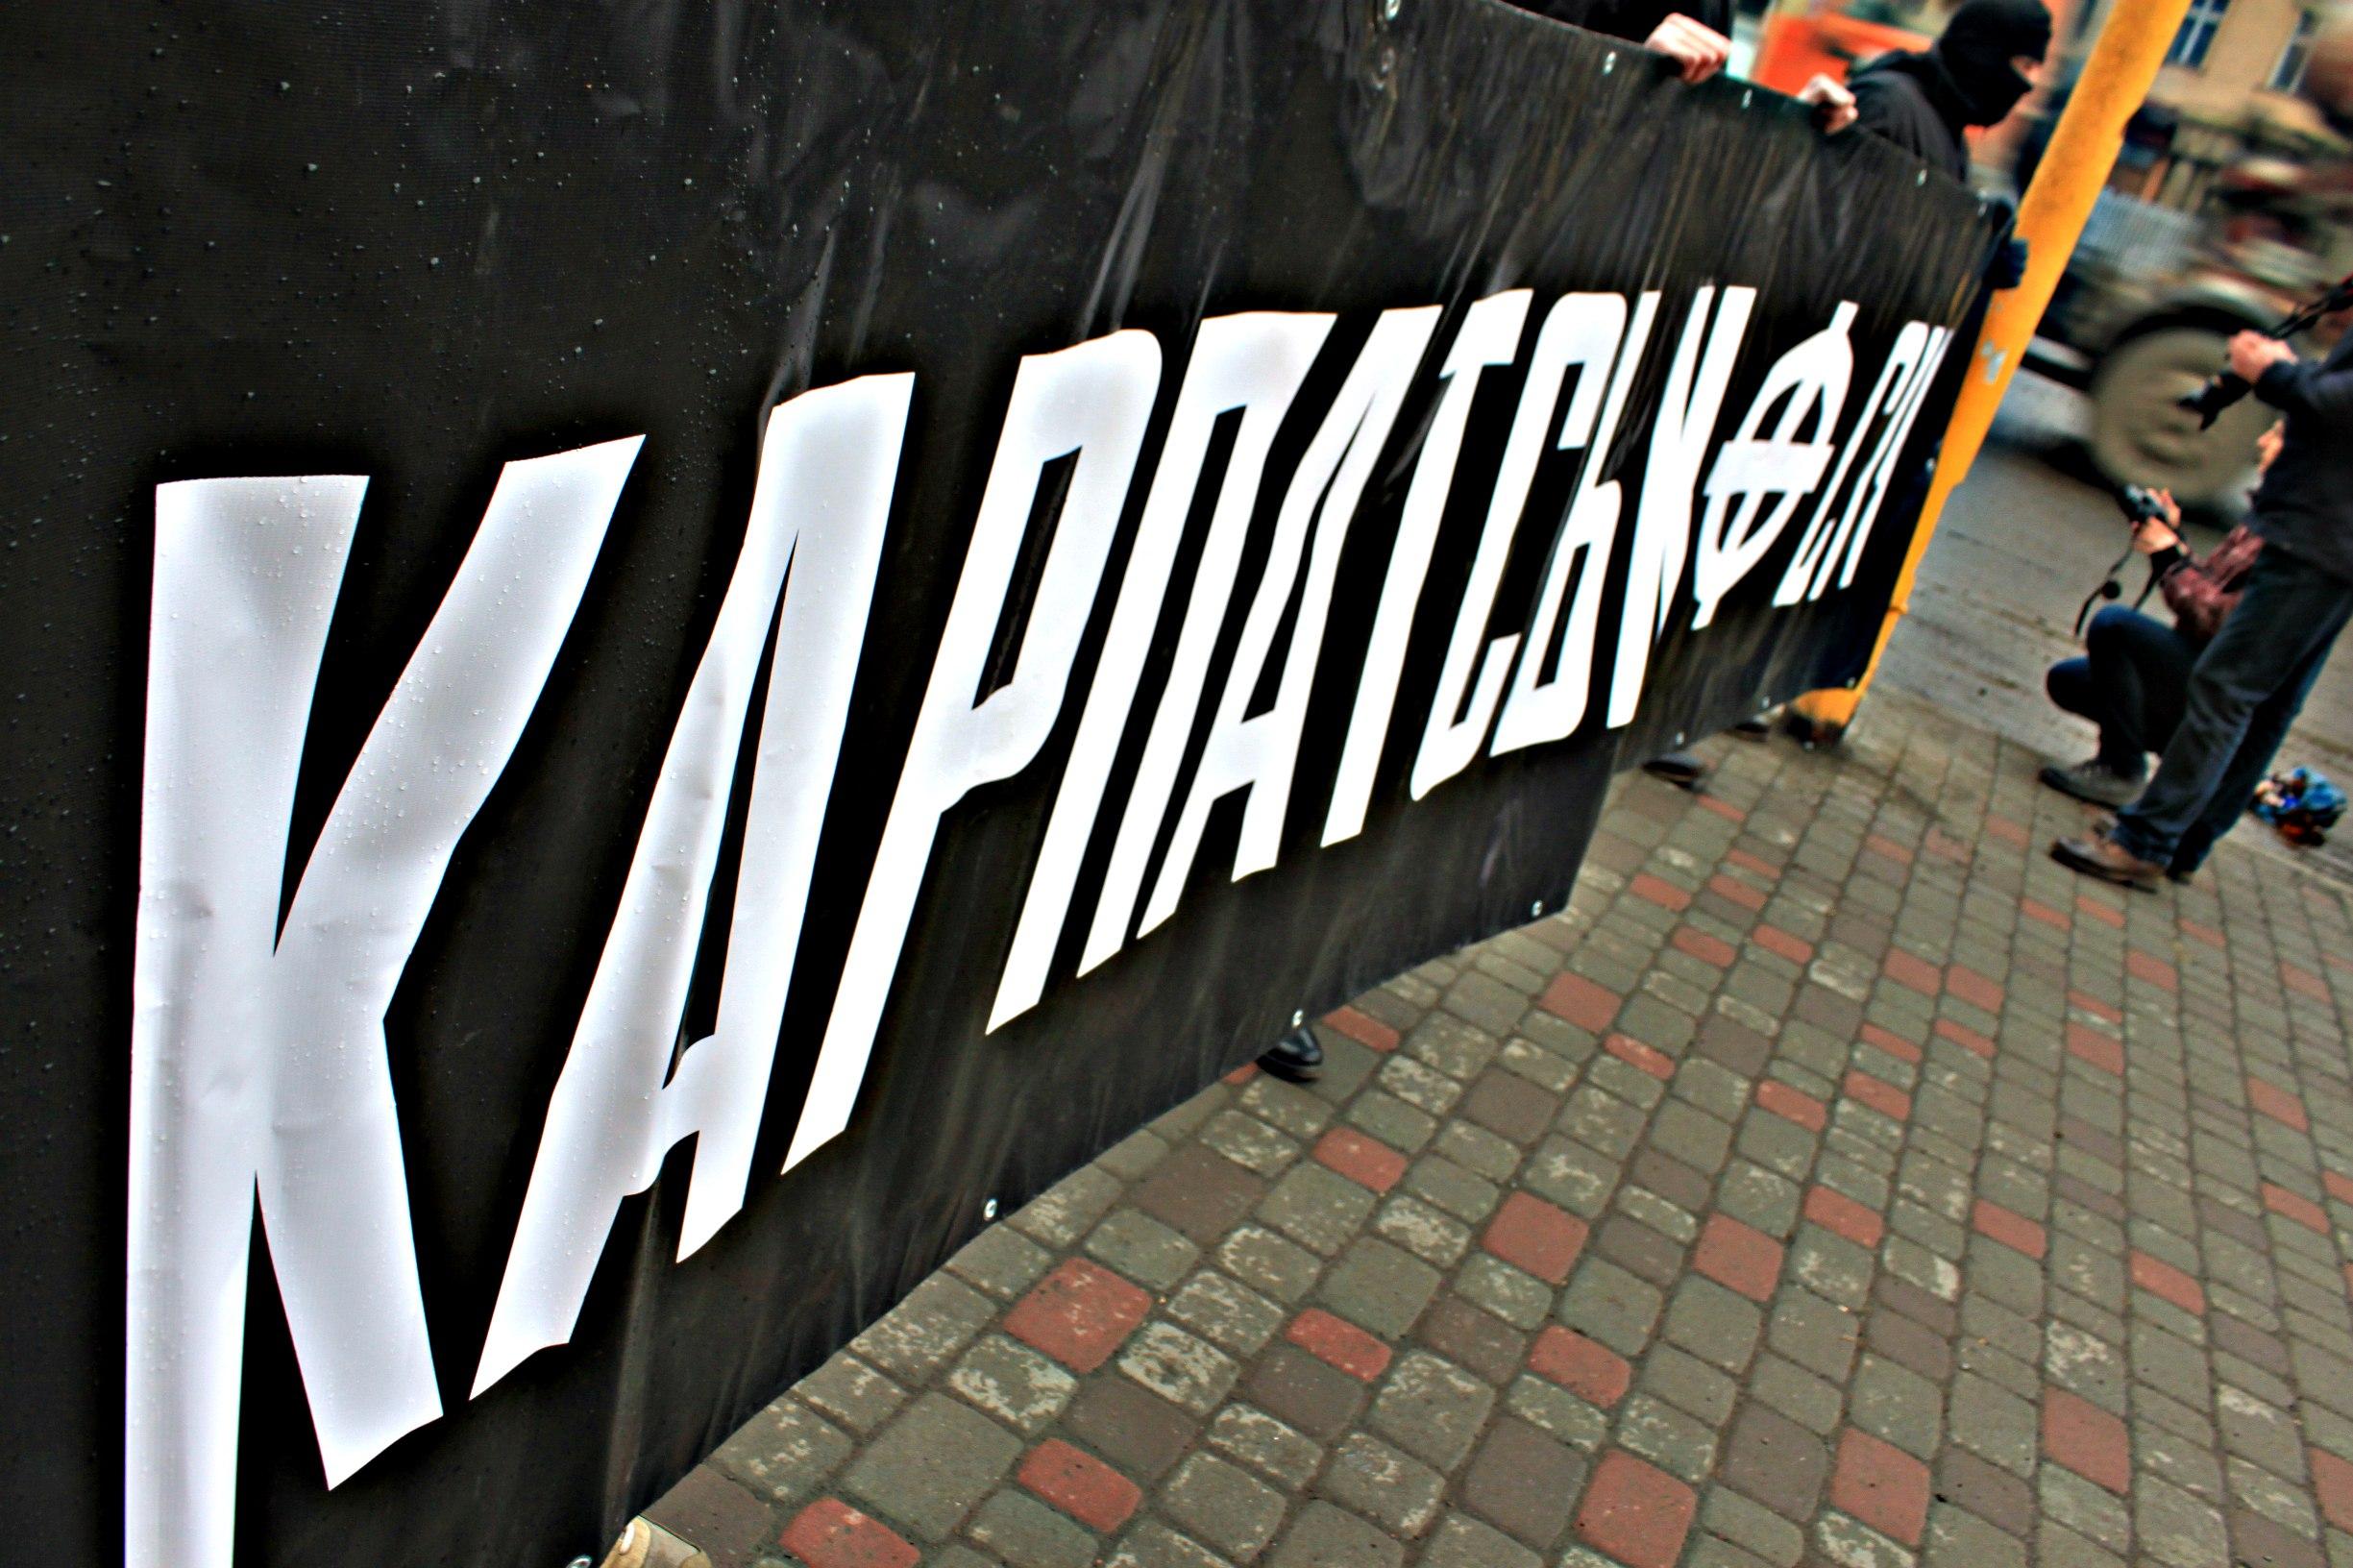 Karpatszka Szics felvonulása Ungváron, képanyag: 64 kép JHY56-LSiug